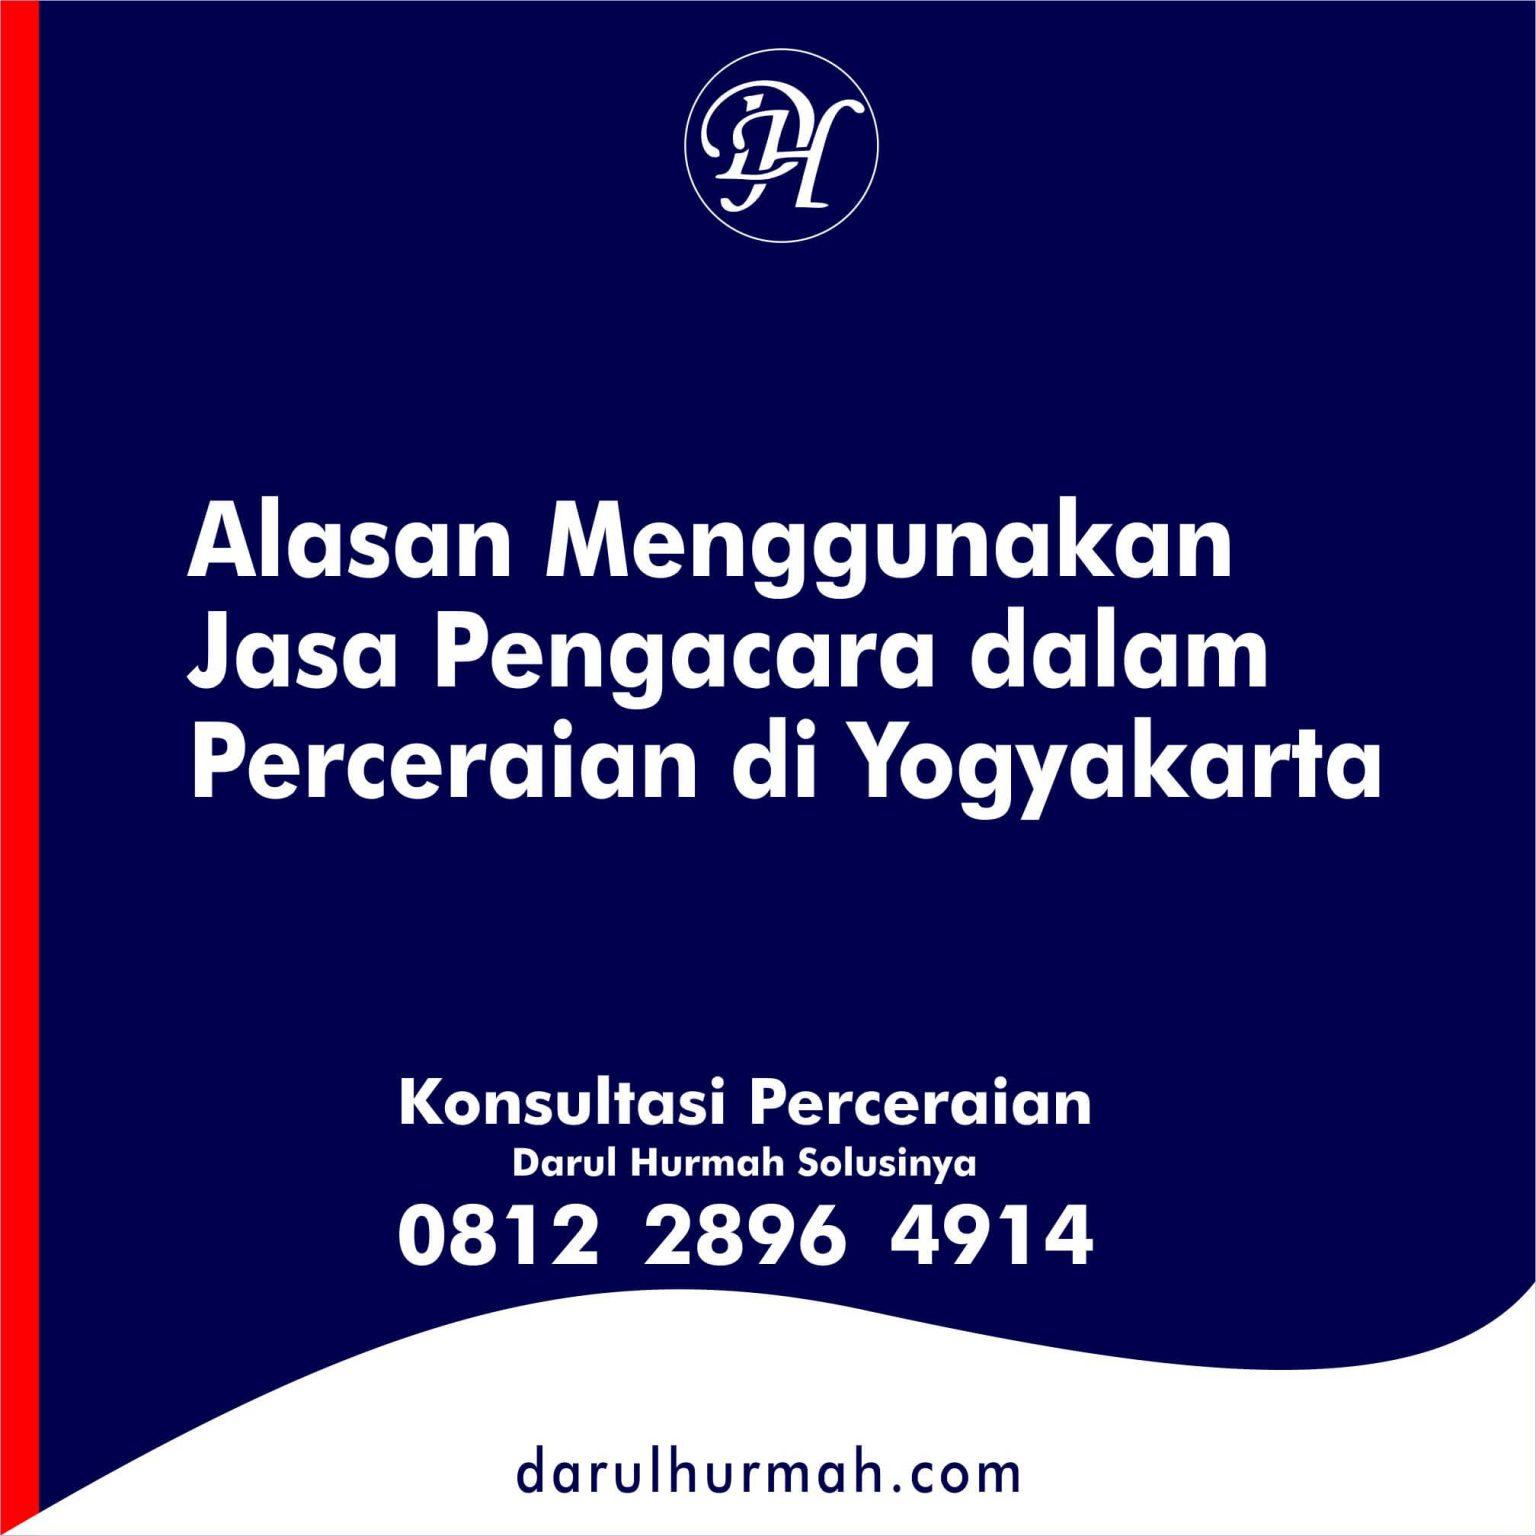 2. Alasan Menggunakan Jasa Pengacara dalam Perceraian di Yogyakarta